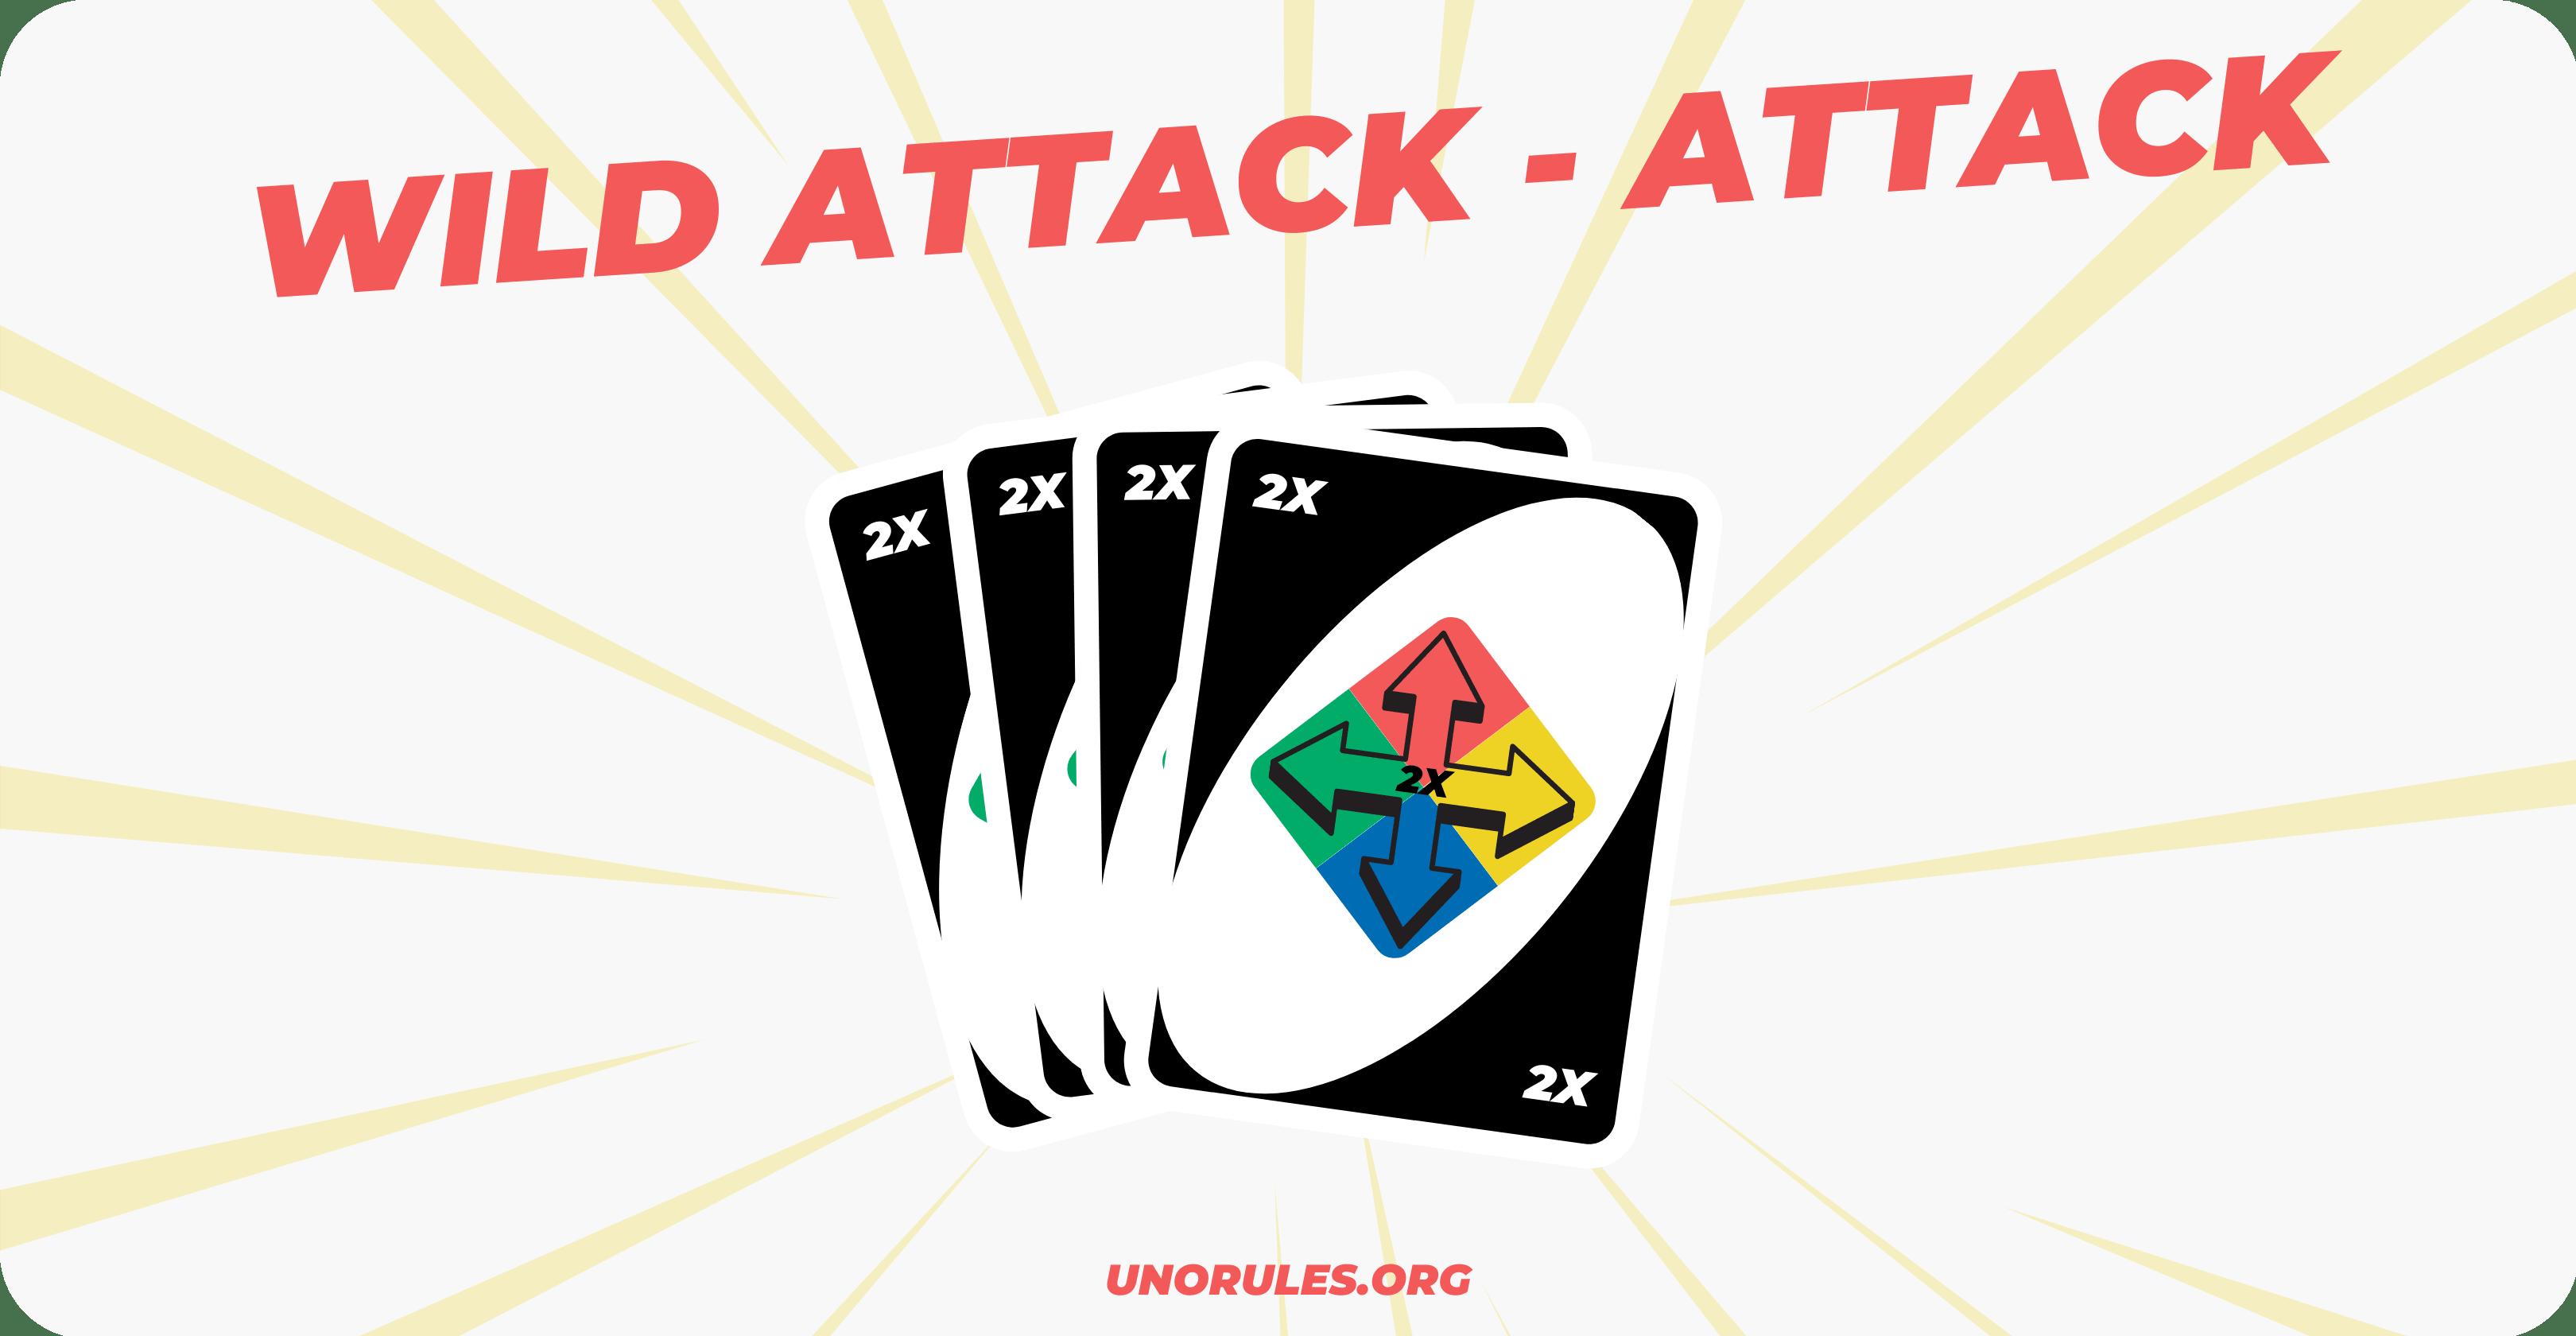 Wild Attack Attack Uno card